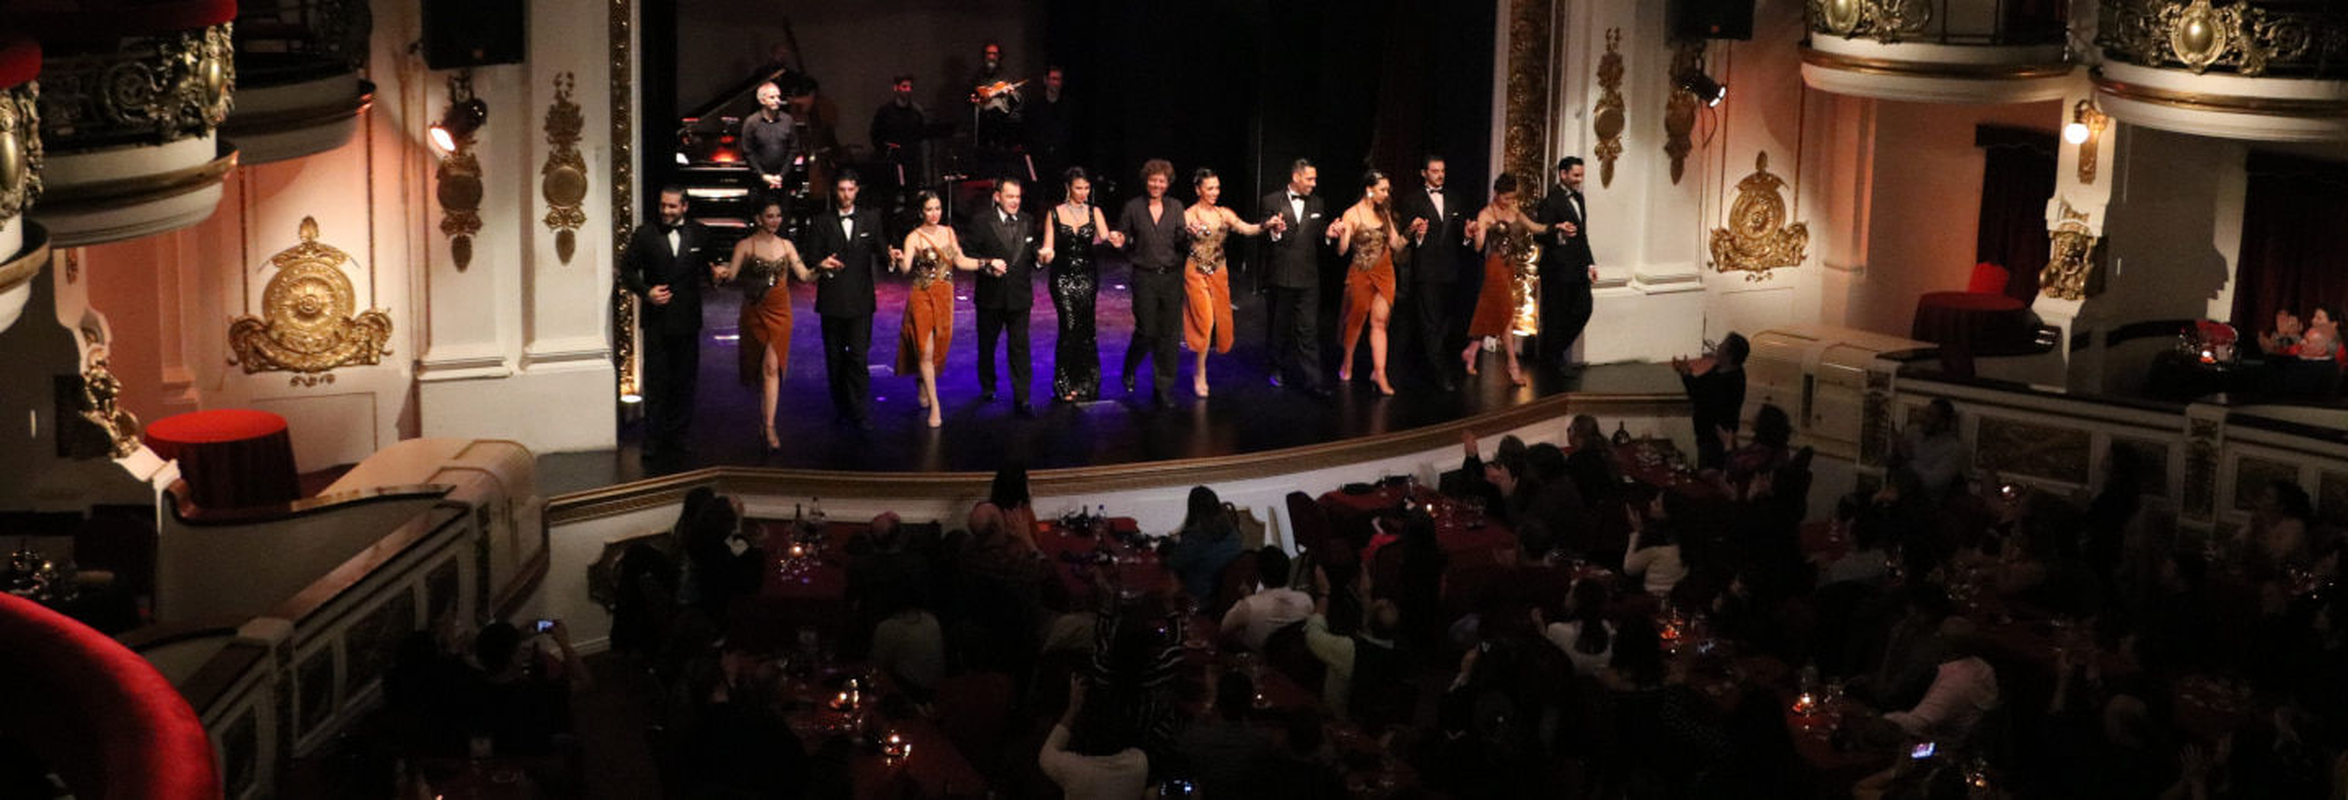 Spectacle de tango au théâtre Astor Piazzolla